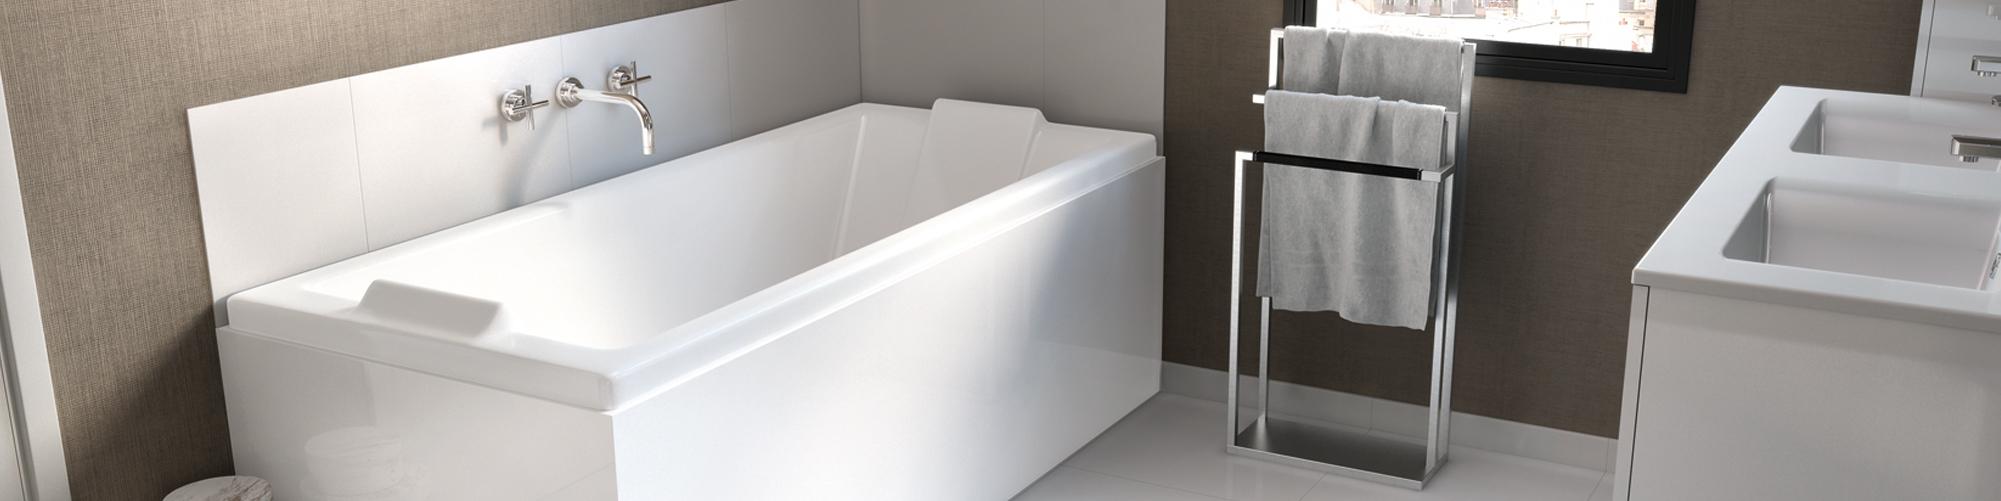 Baignoire et tablier de bain